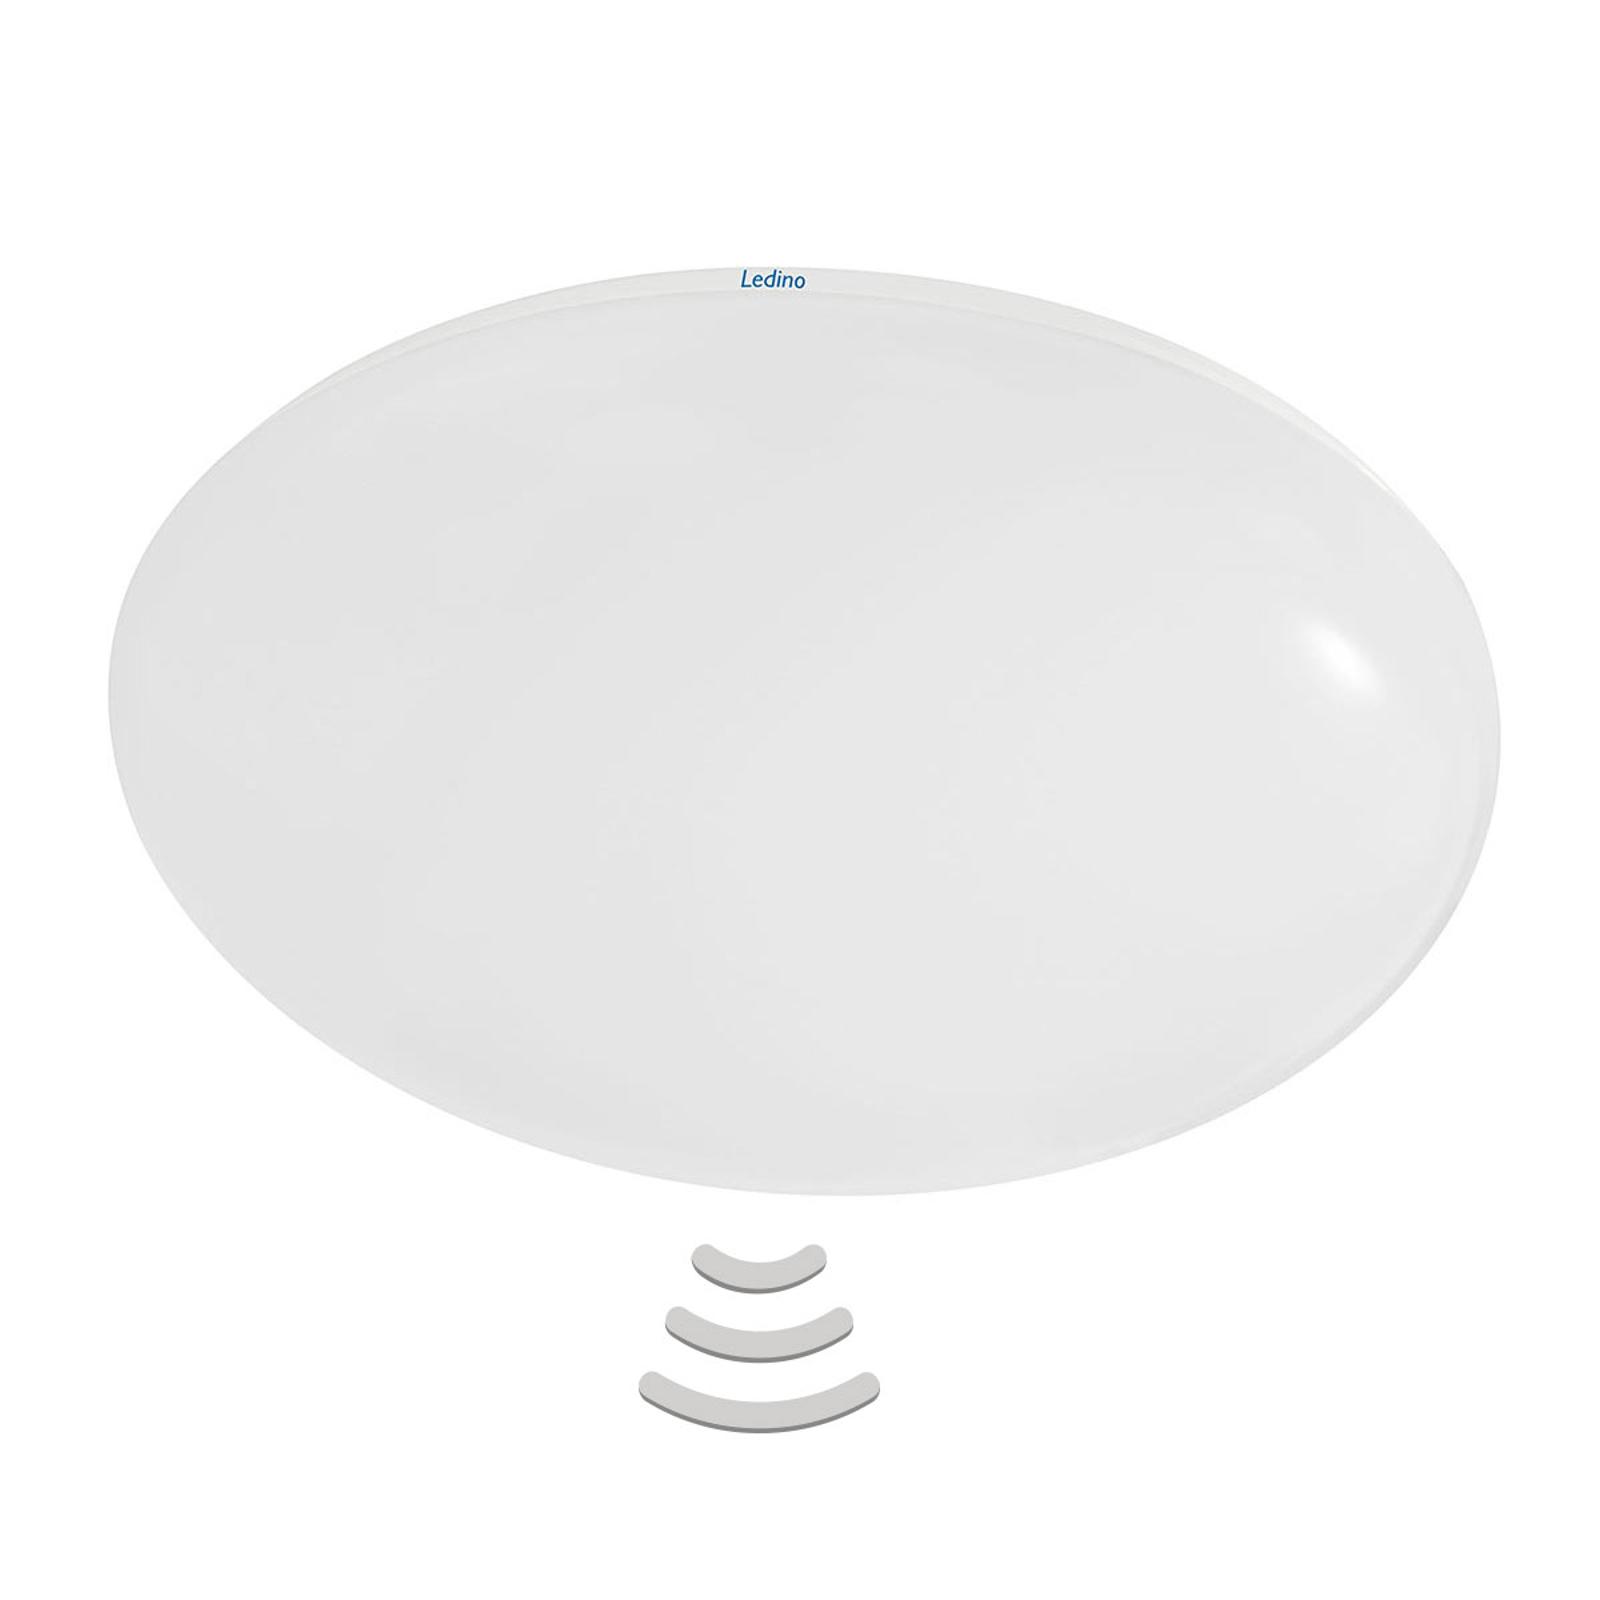 Effektfull LED-taklampe Altona med sensor